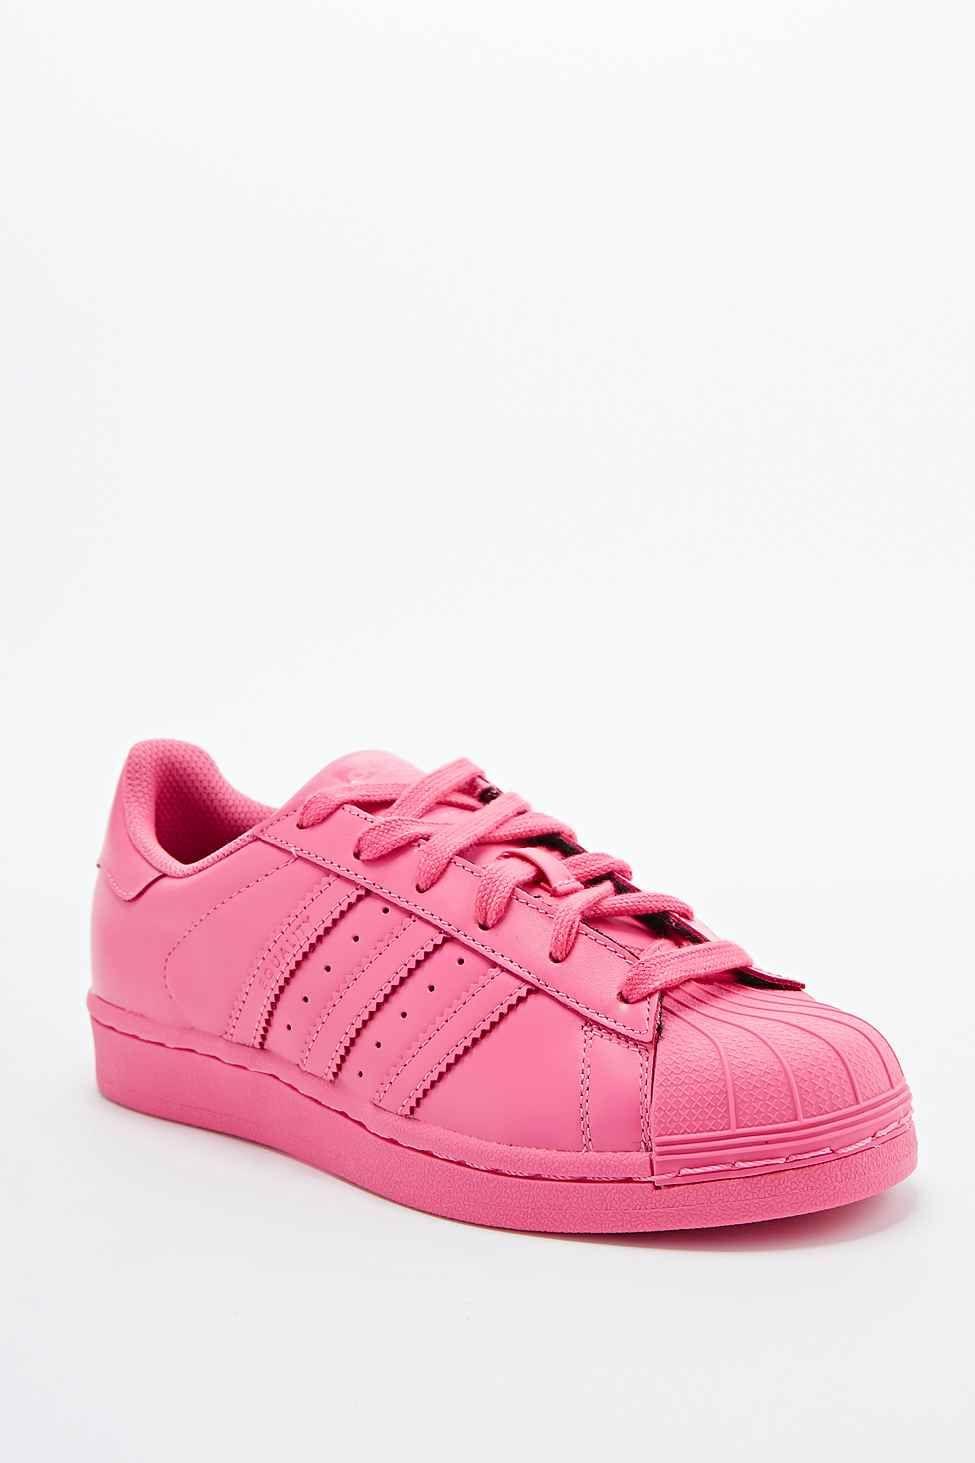 bottes chaussures pour femmes plateau talon 10 cm comme cuir confortable 9141 27rwub